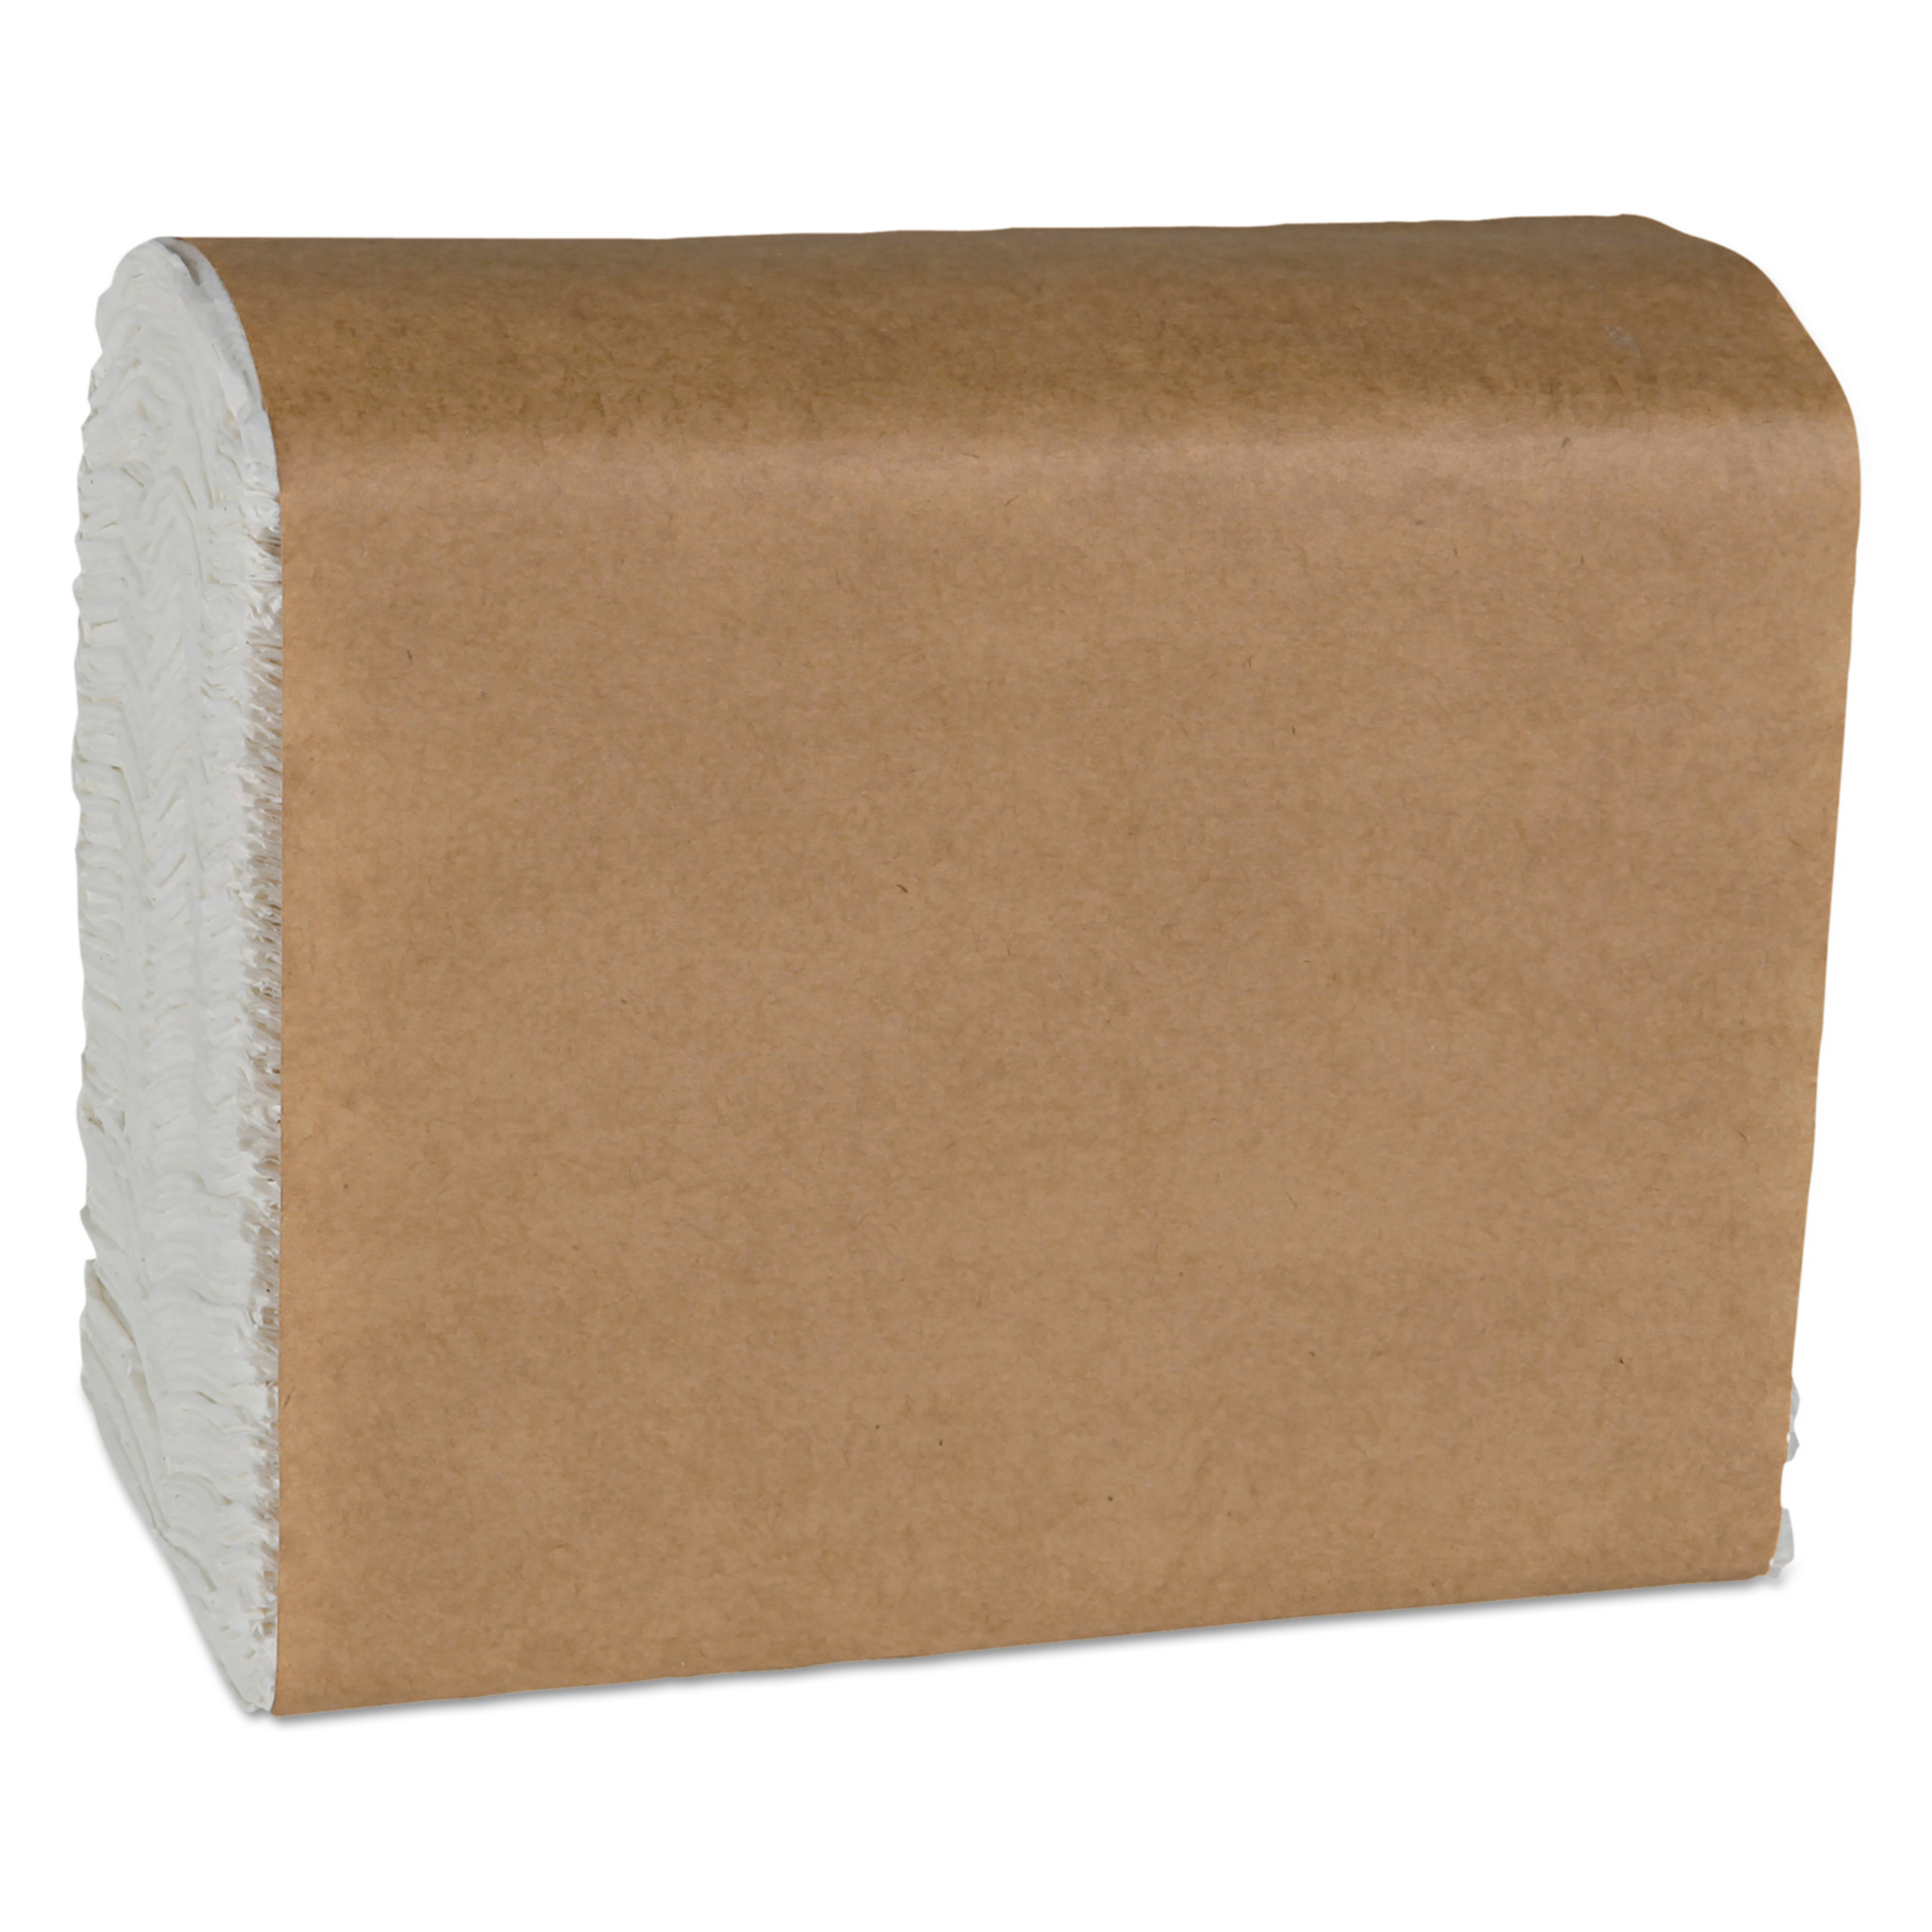 Scott Tall-Fold 1-Ply White Dispenser Napkins, 250 count, (Pack of 40)